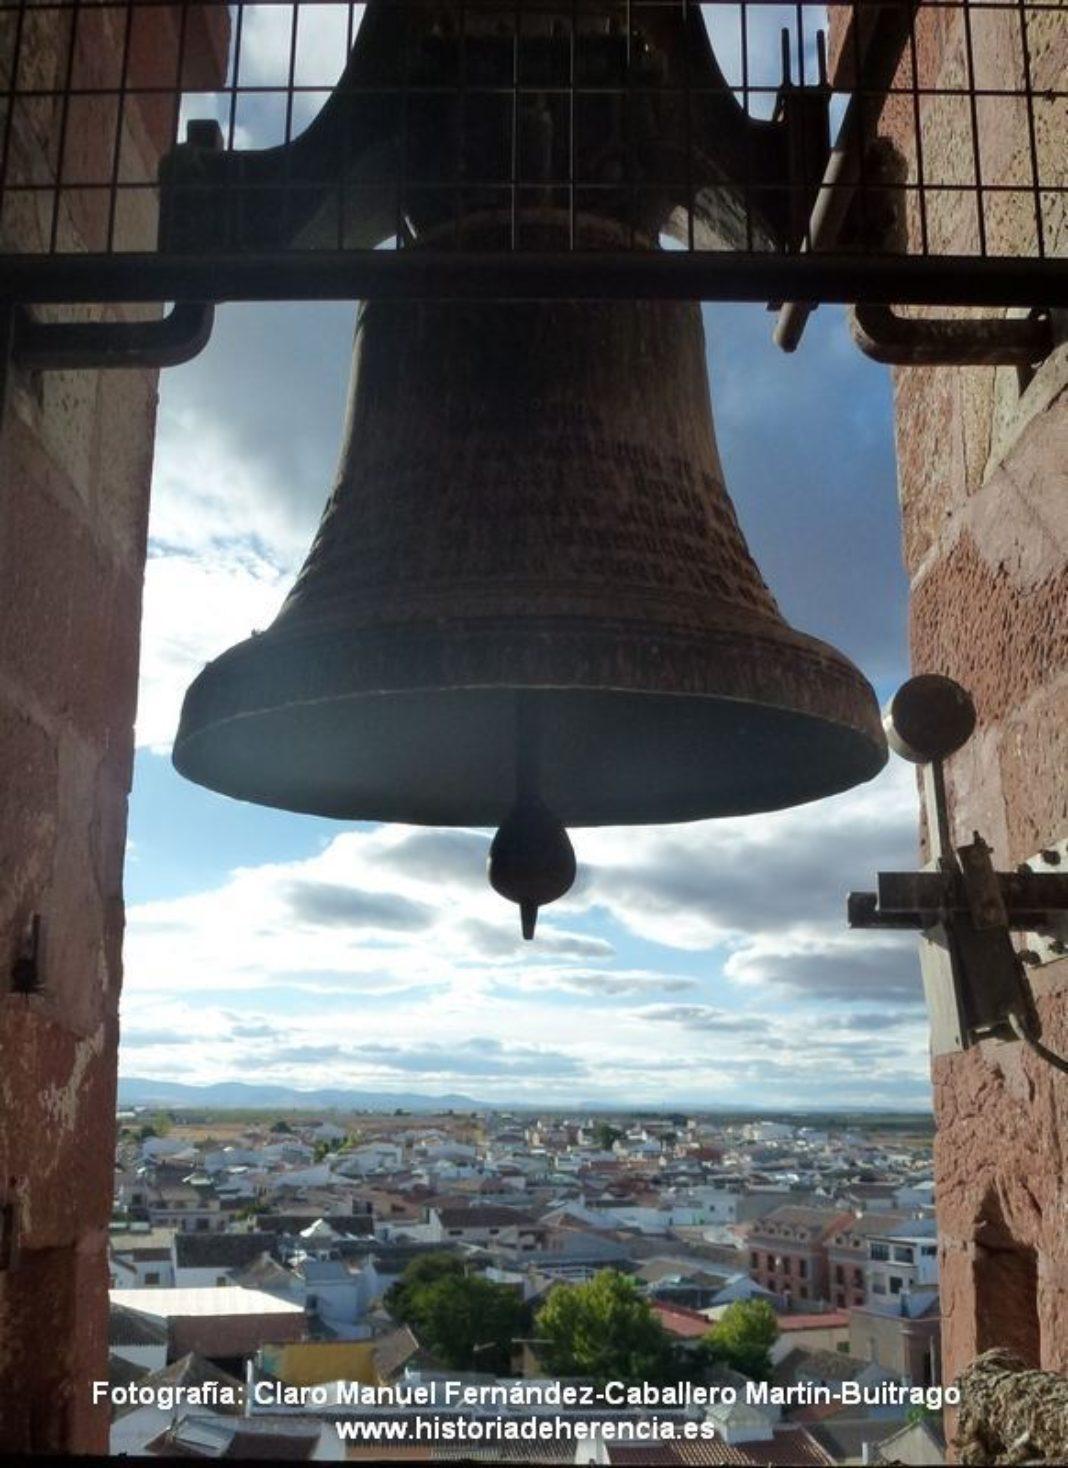 campana iglesia parroquial de herencia 1068x1468 - Las campanas de la parroquia de Herencia tocan todos los días a las 21:00 horas en señal de luto